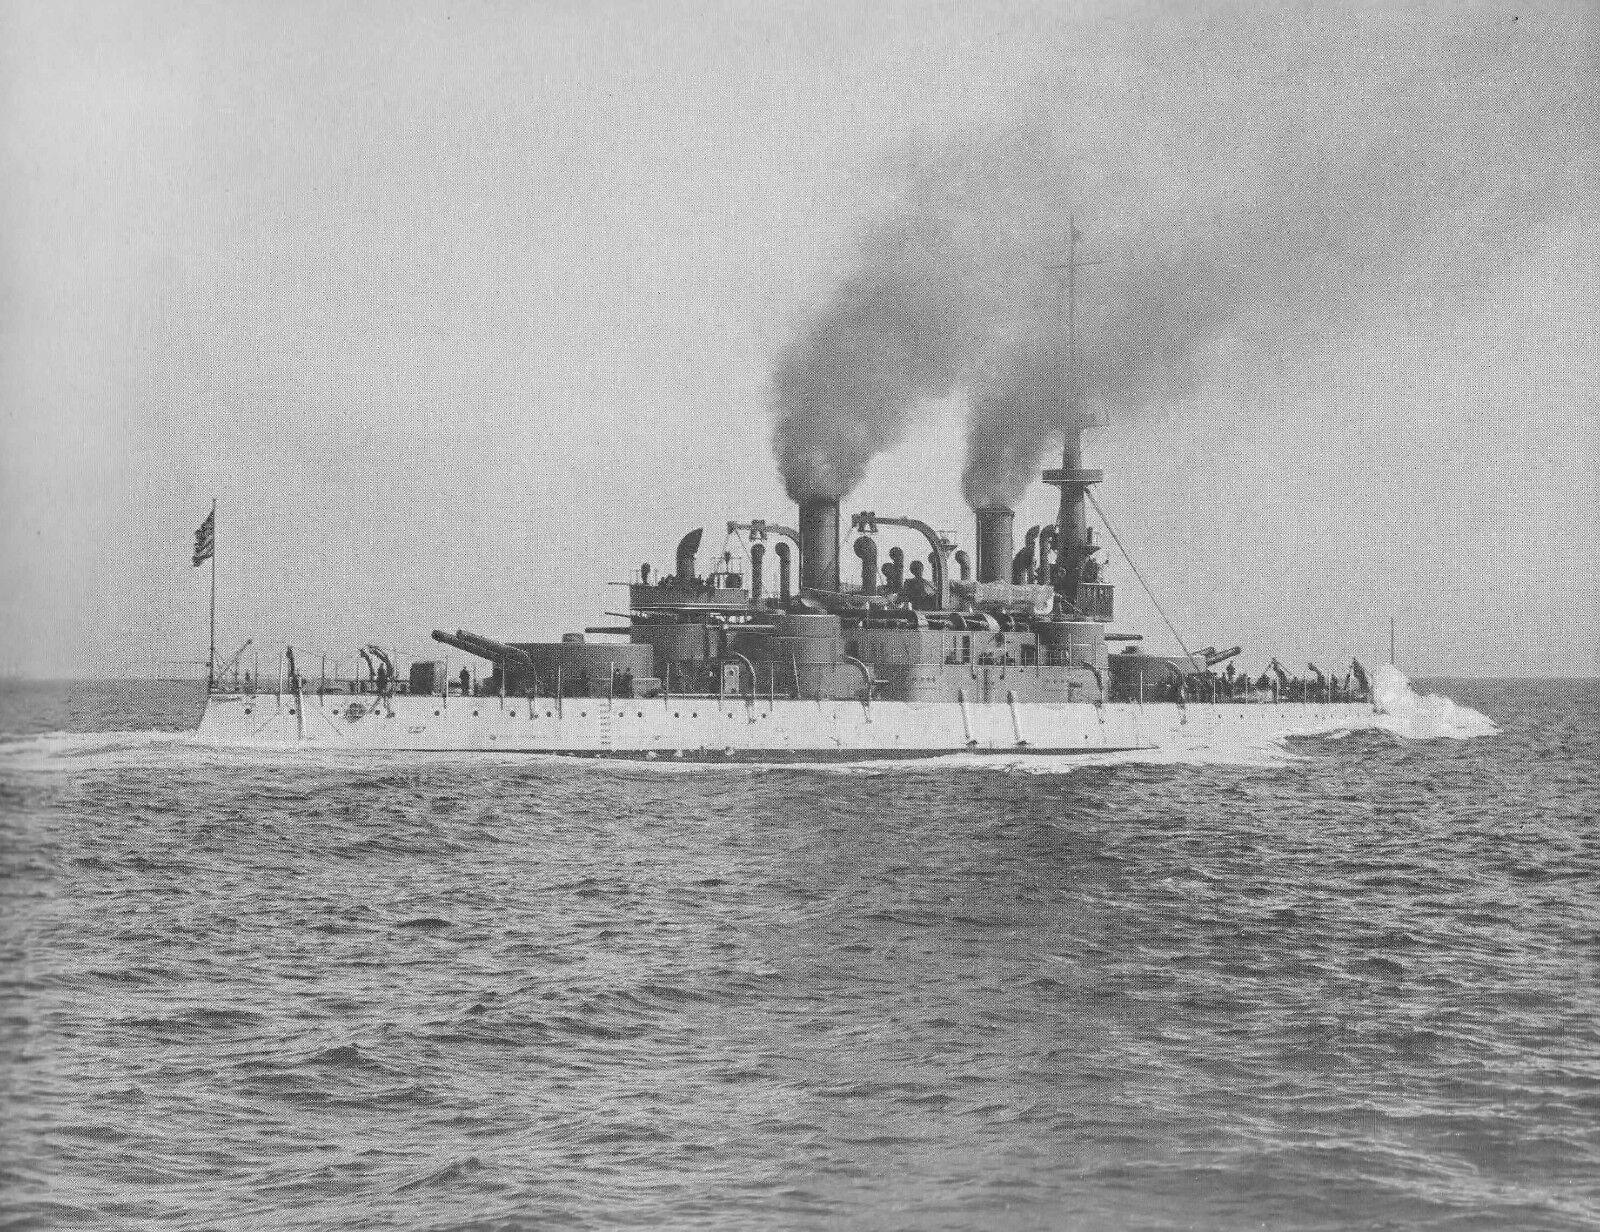 Uss Massachusetts bb2, bb2, bb2, navire de guerre des Indiana classe, us navy e39606